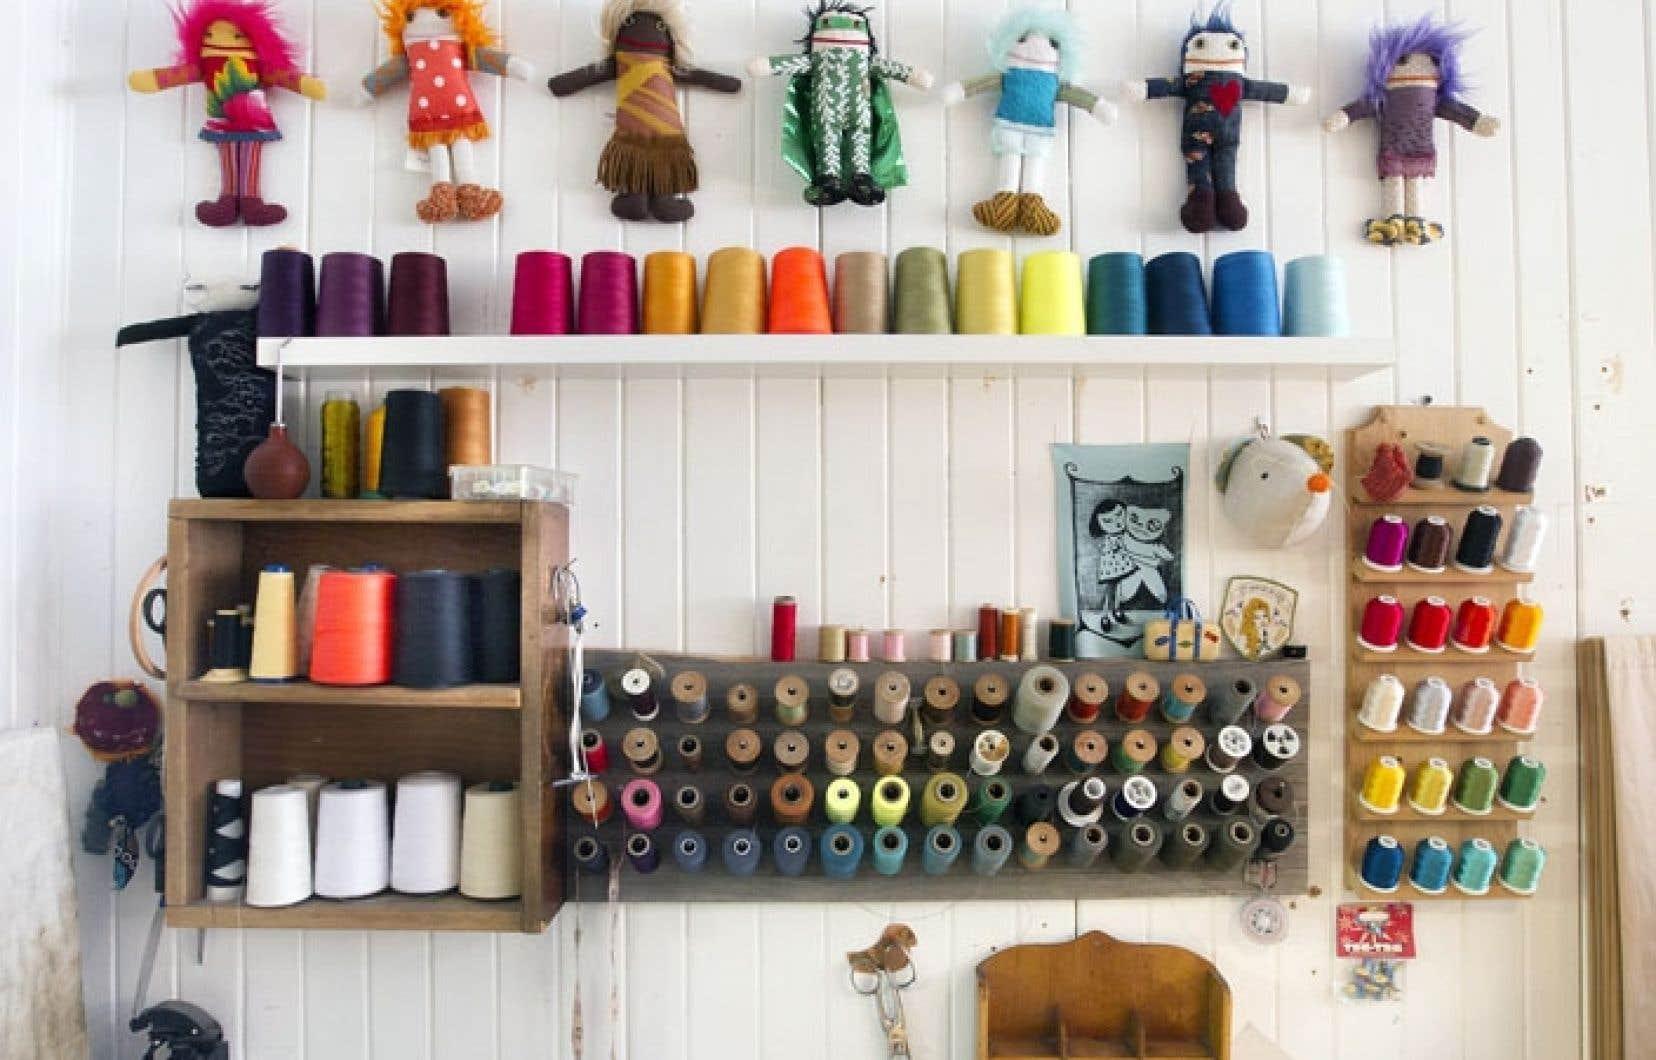 En matière de peluches, comment savoir ce qui plaira aux bouts-de-choux? Même chez Raplapla, atelier-boutique du Plateau Mont-Royal ayant perfectionné l'art de la poupée de chiffon artisanale, ce qui déclenche l'affection des enfants est toujours un mystère.